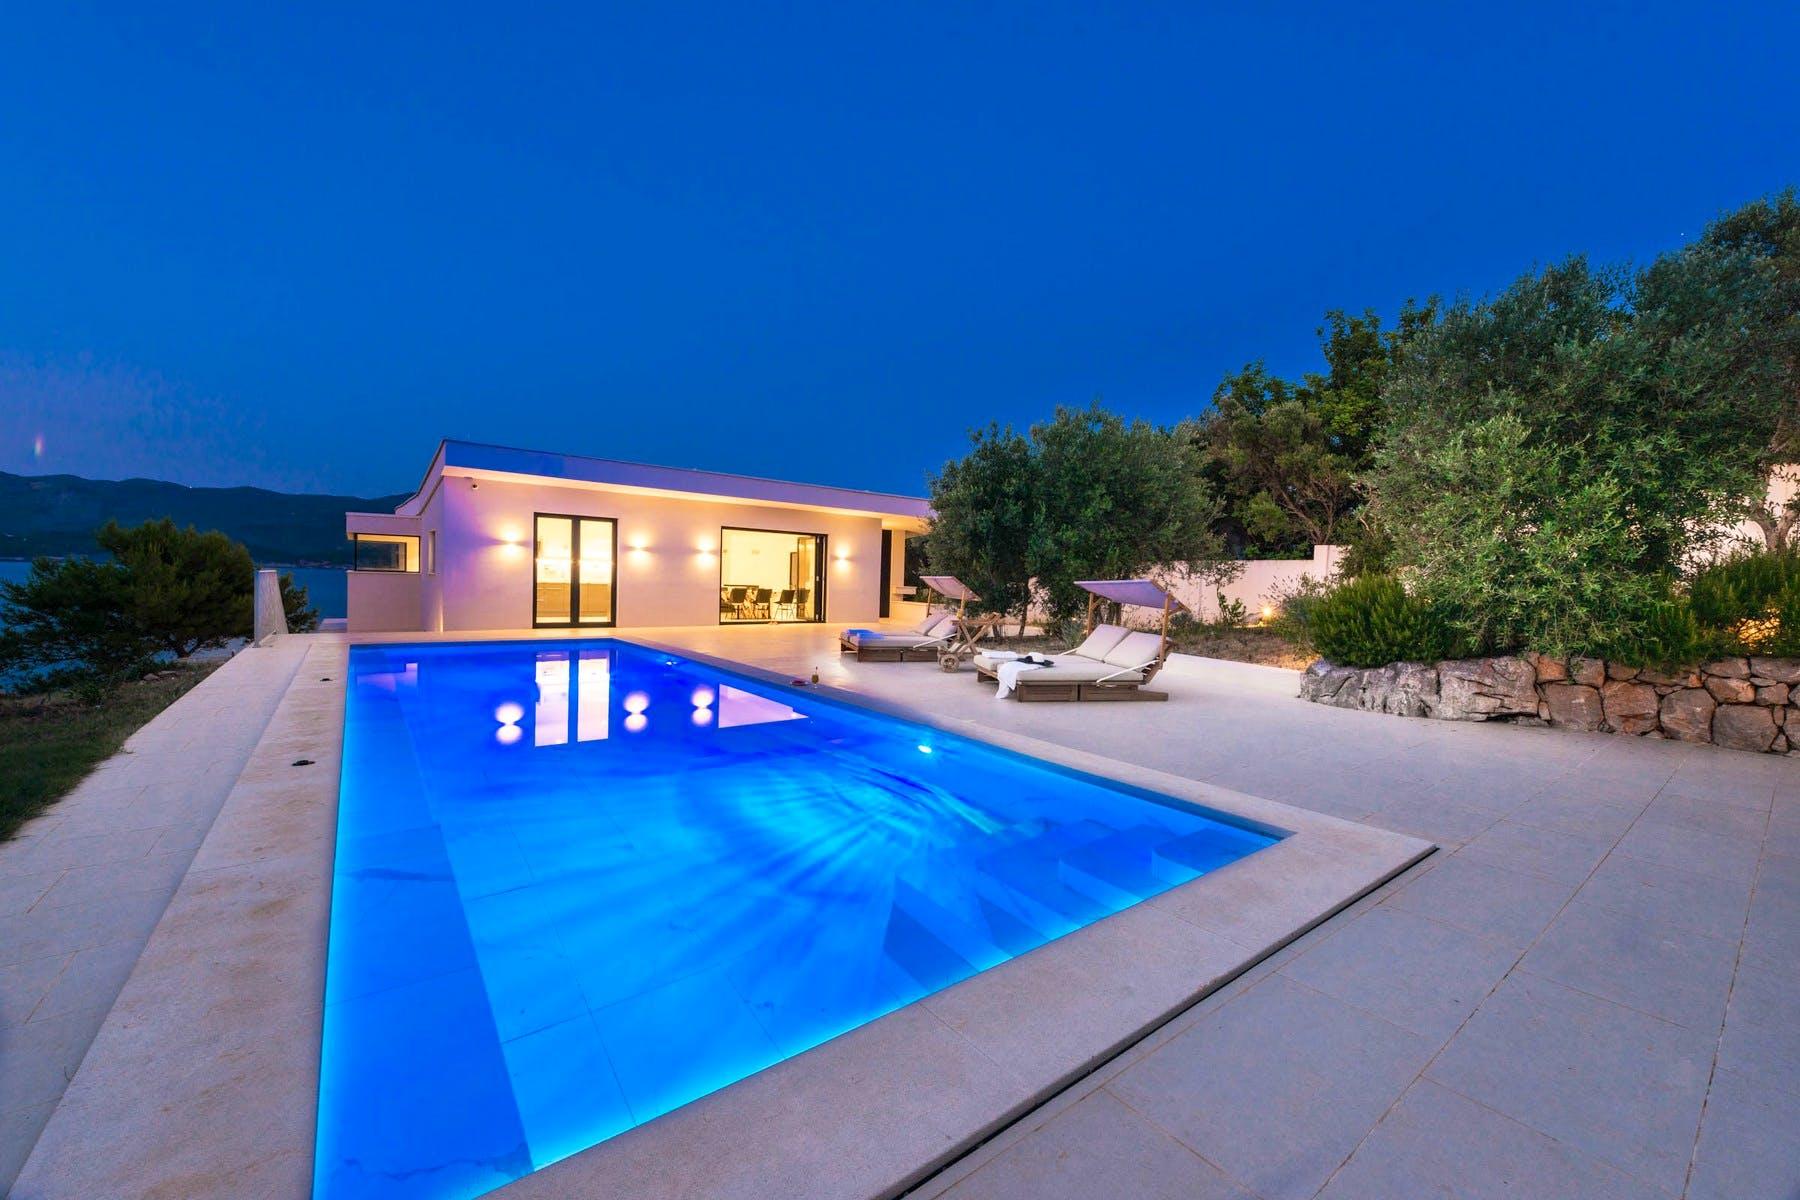 Noćni ambijent luksuzne vile u blizini Dubrovnika